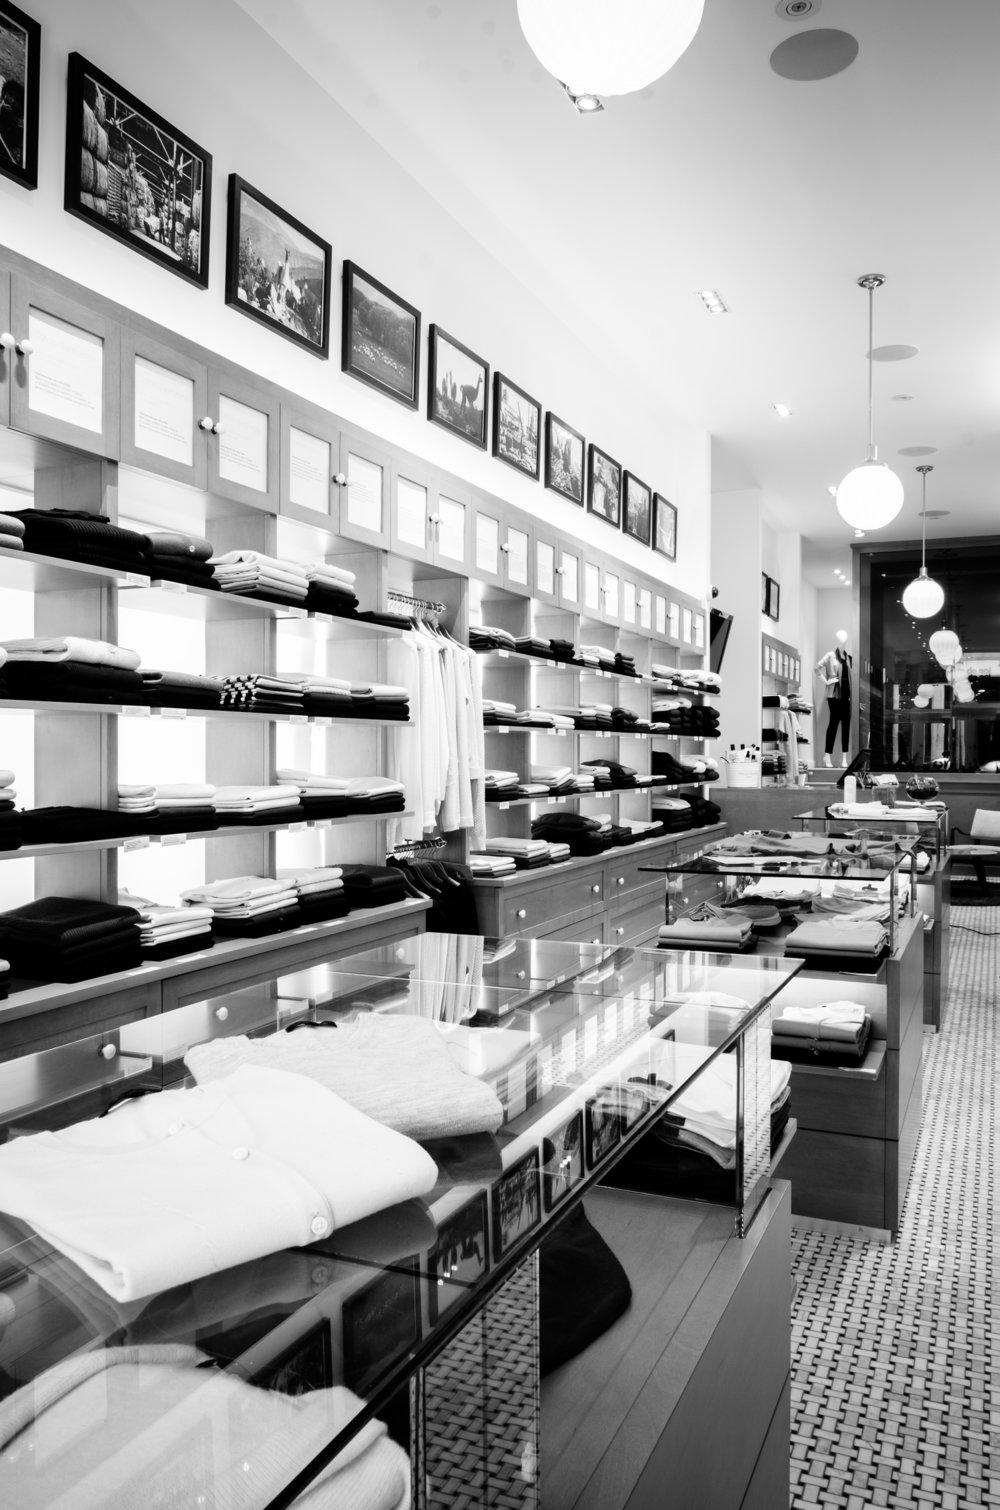 Boutique spécialisée de tricots - vieux québec - ville de québec shopping - laine de mérinos, cachemire, et coton égyptien